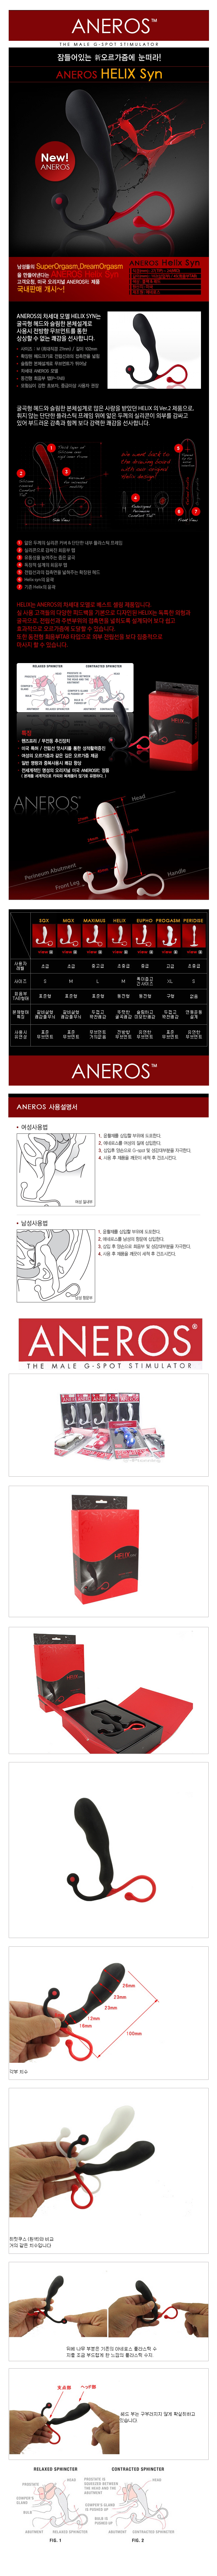 [일본 직수입] 아네로스 헤릭스 SYN HelixSynMaleG-SpotStimulator(ANEROS HELIX Syn)-[아네로스 정품] (ANRS))